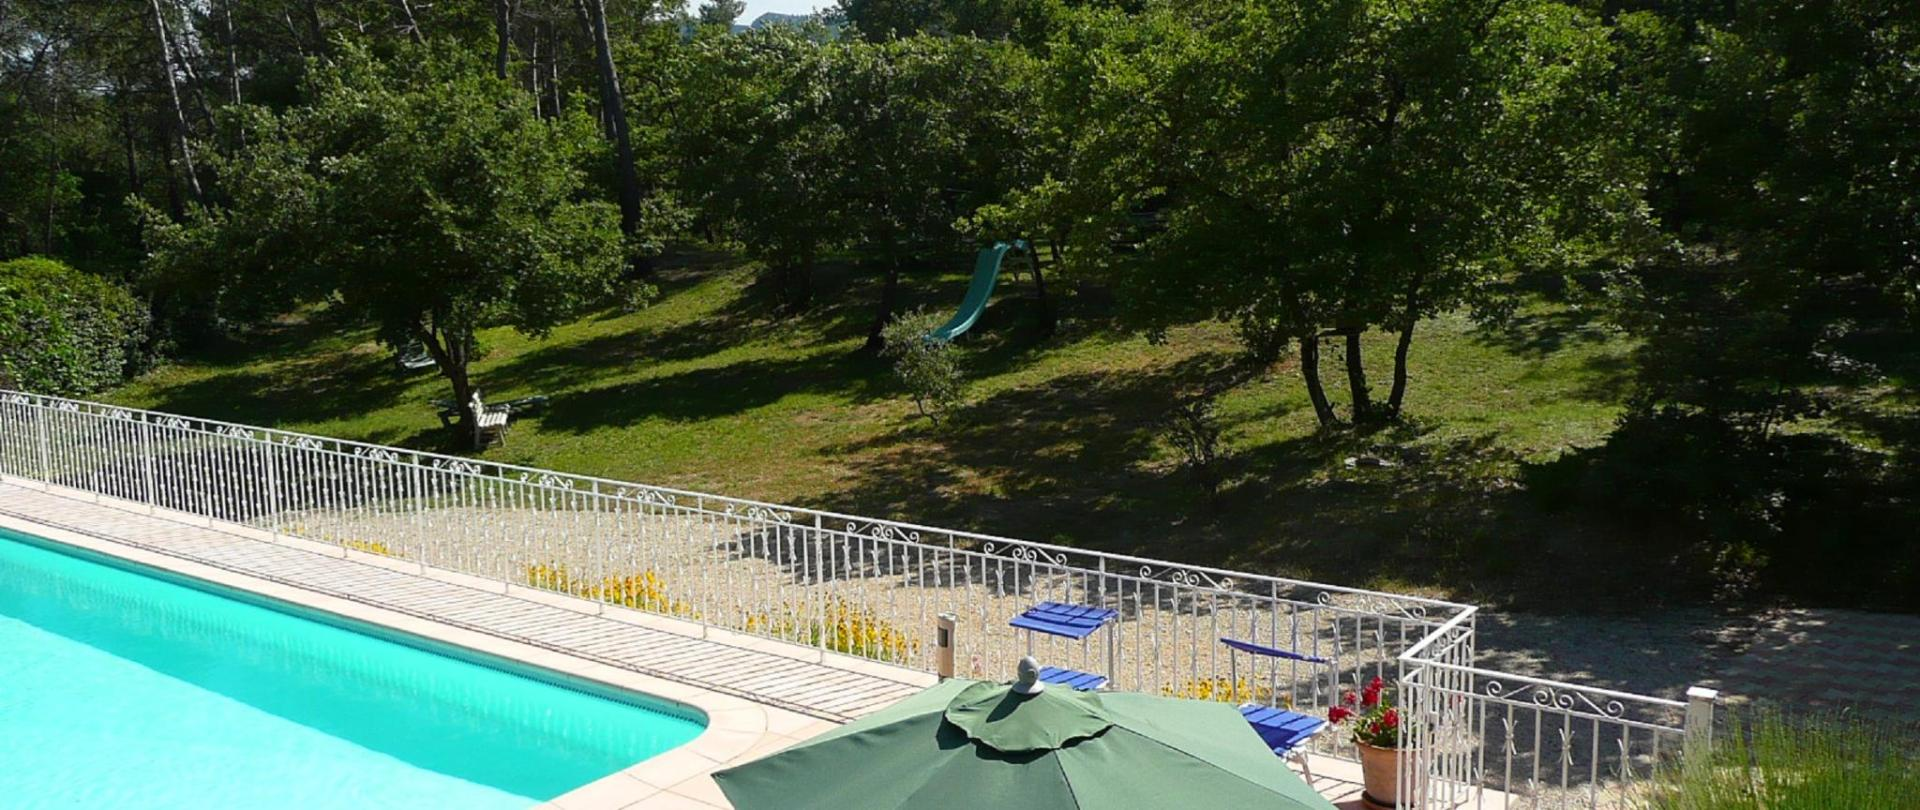 parc et jeux (2016_07_02 06_11_26 UTC).JPG